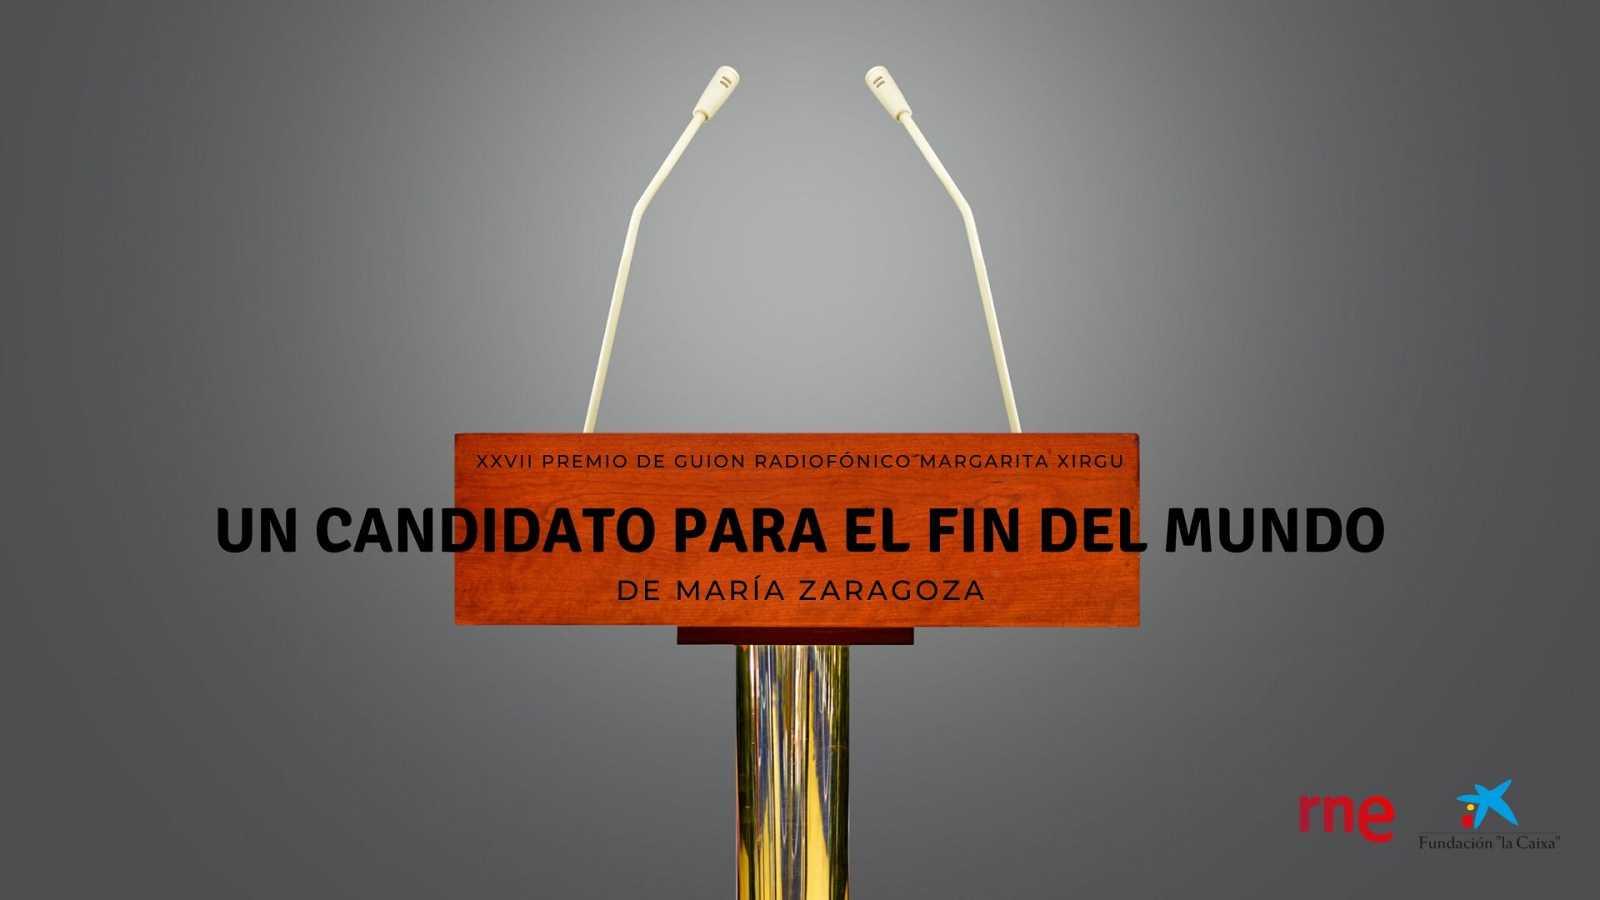 Ficción sonora - Así comienza 'Un candidato para el fin del mundo', XXVII Premio Margarita Xirgu - Escuchar ahora